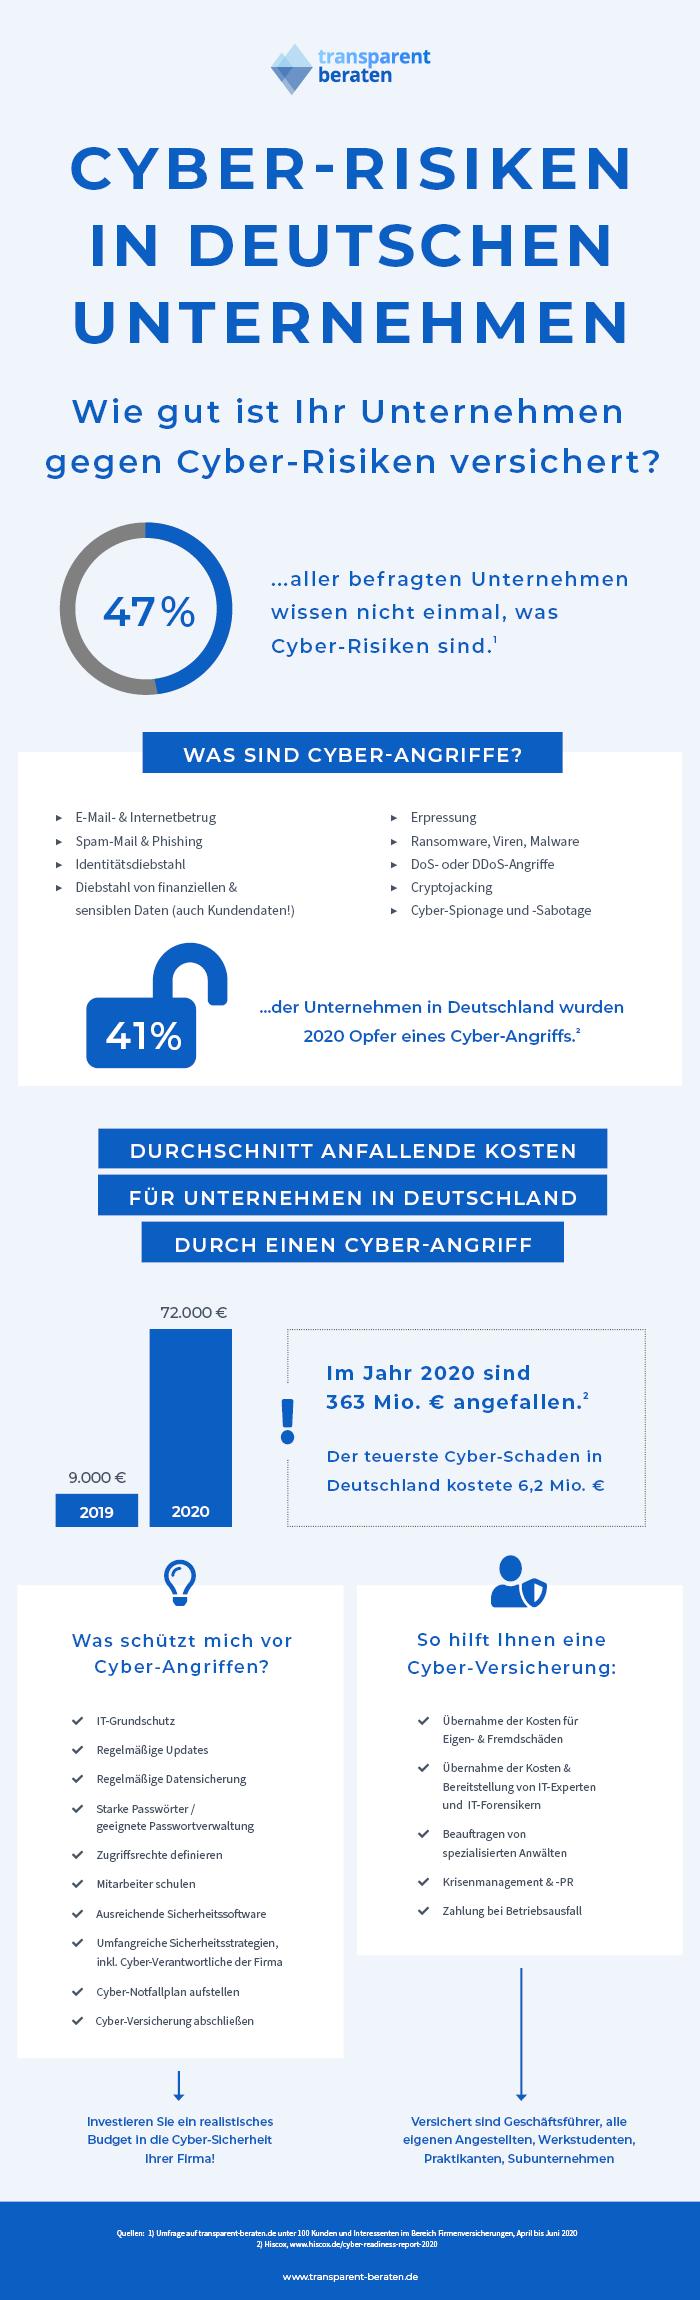 Cyber-Risiken Unternehmen Deutschland